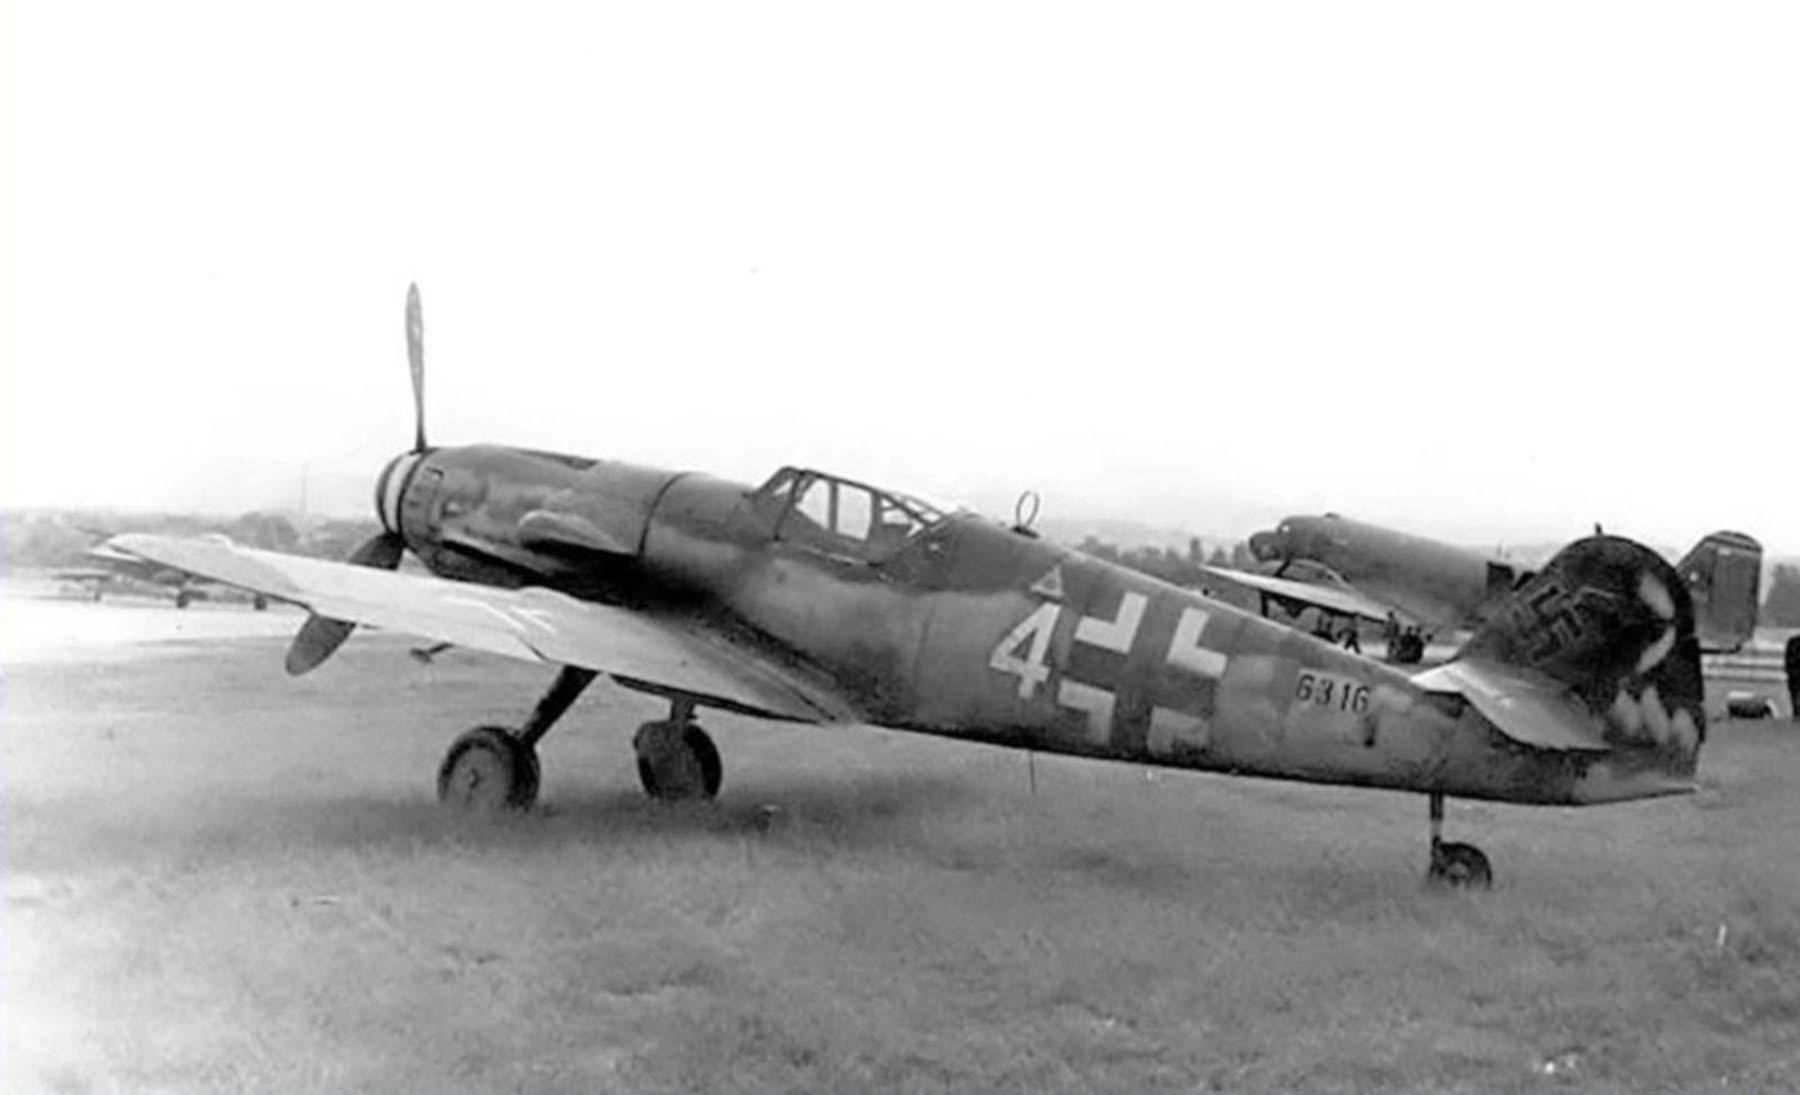 Messerschmitt Bf 109G14AS Erla Reichsverteidigung White 4 WNr 786316 unknown unit and pilot Feb 1945 03